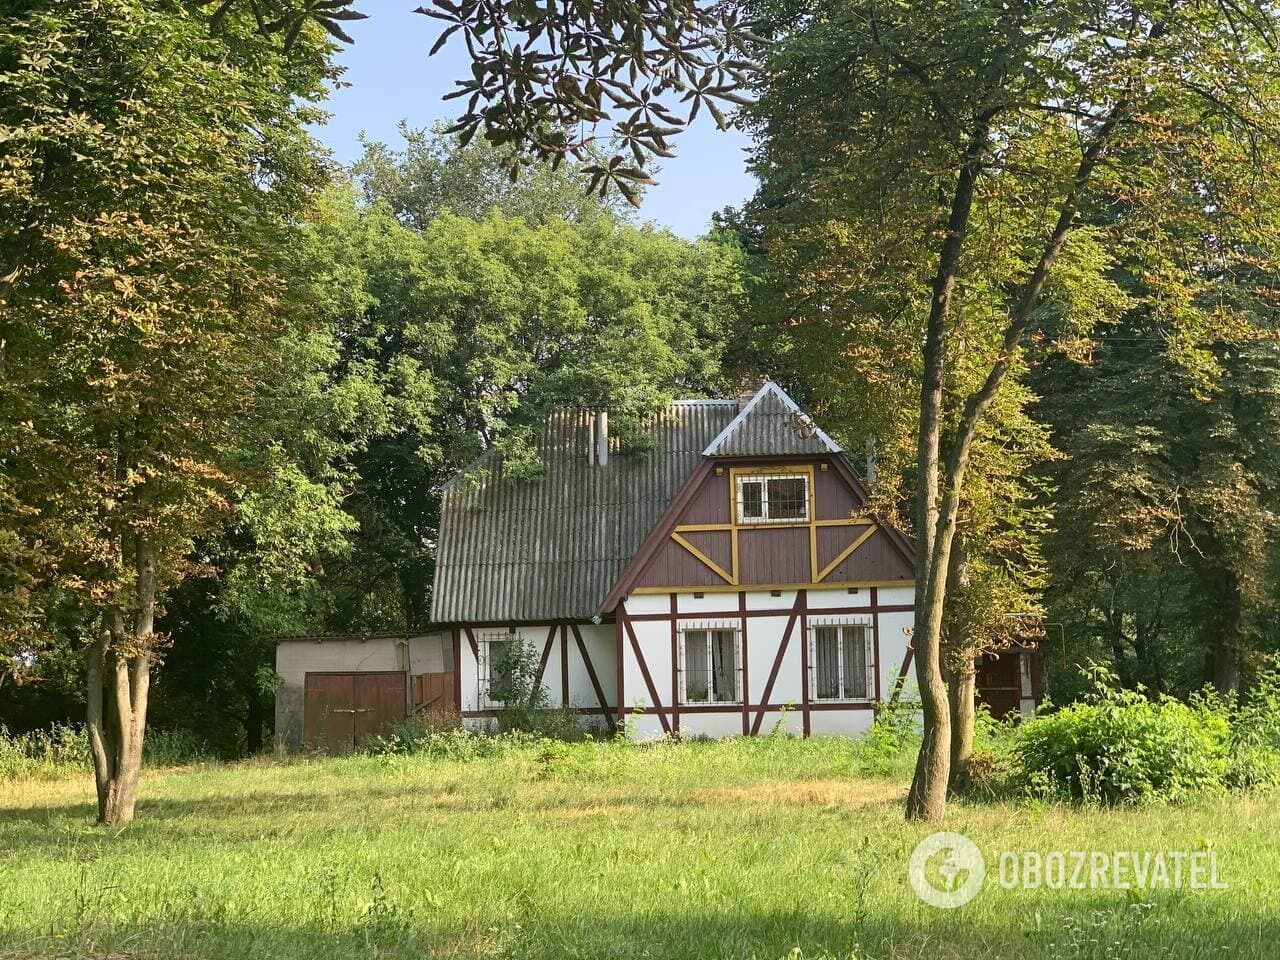 Фахверковий будинок у міському парку.